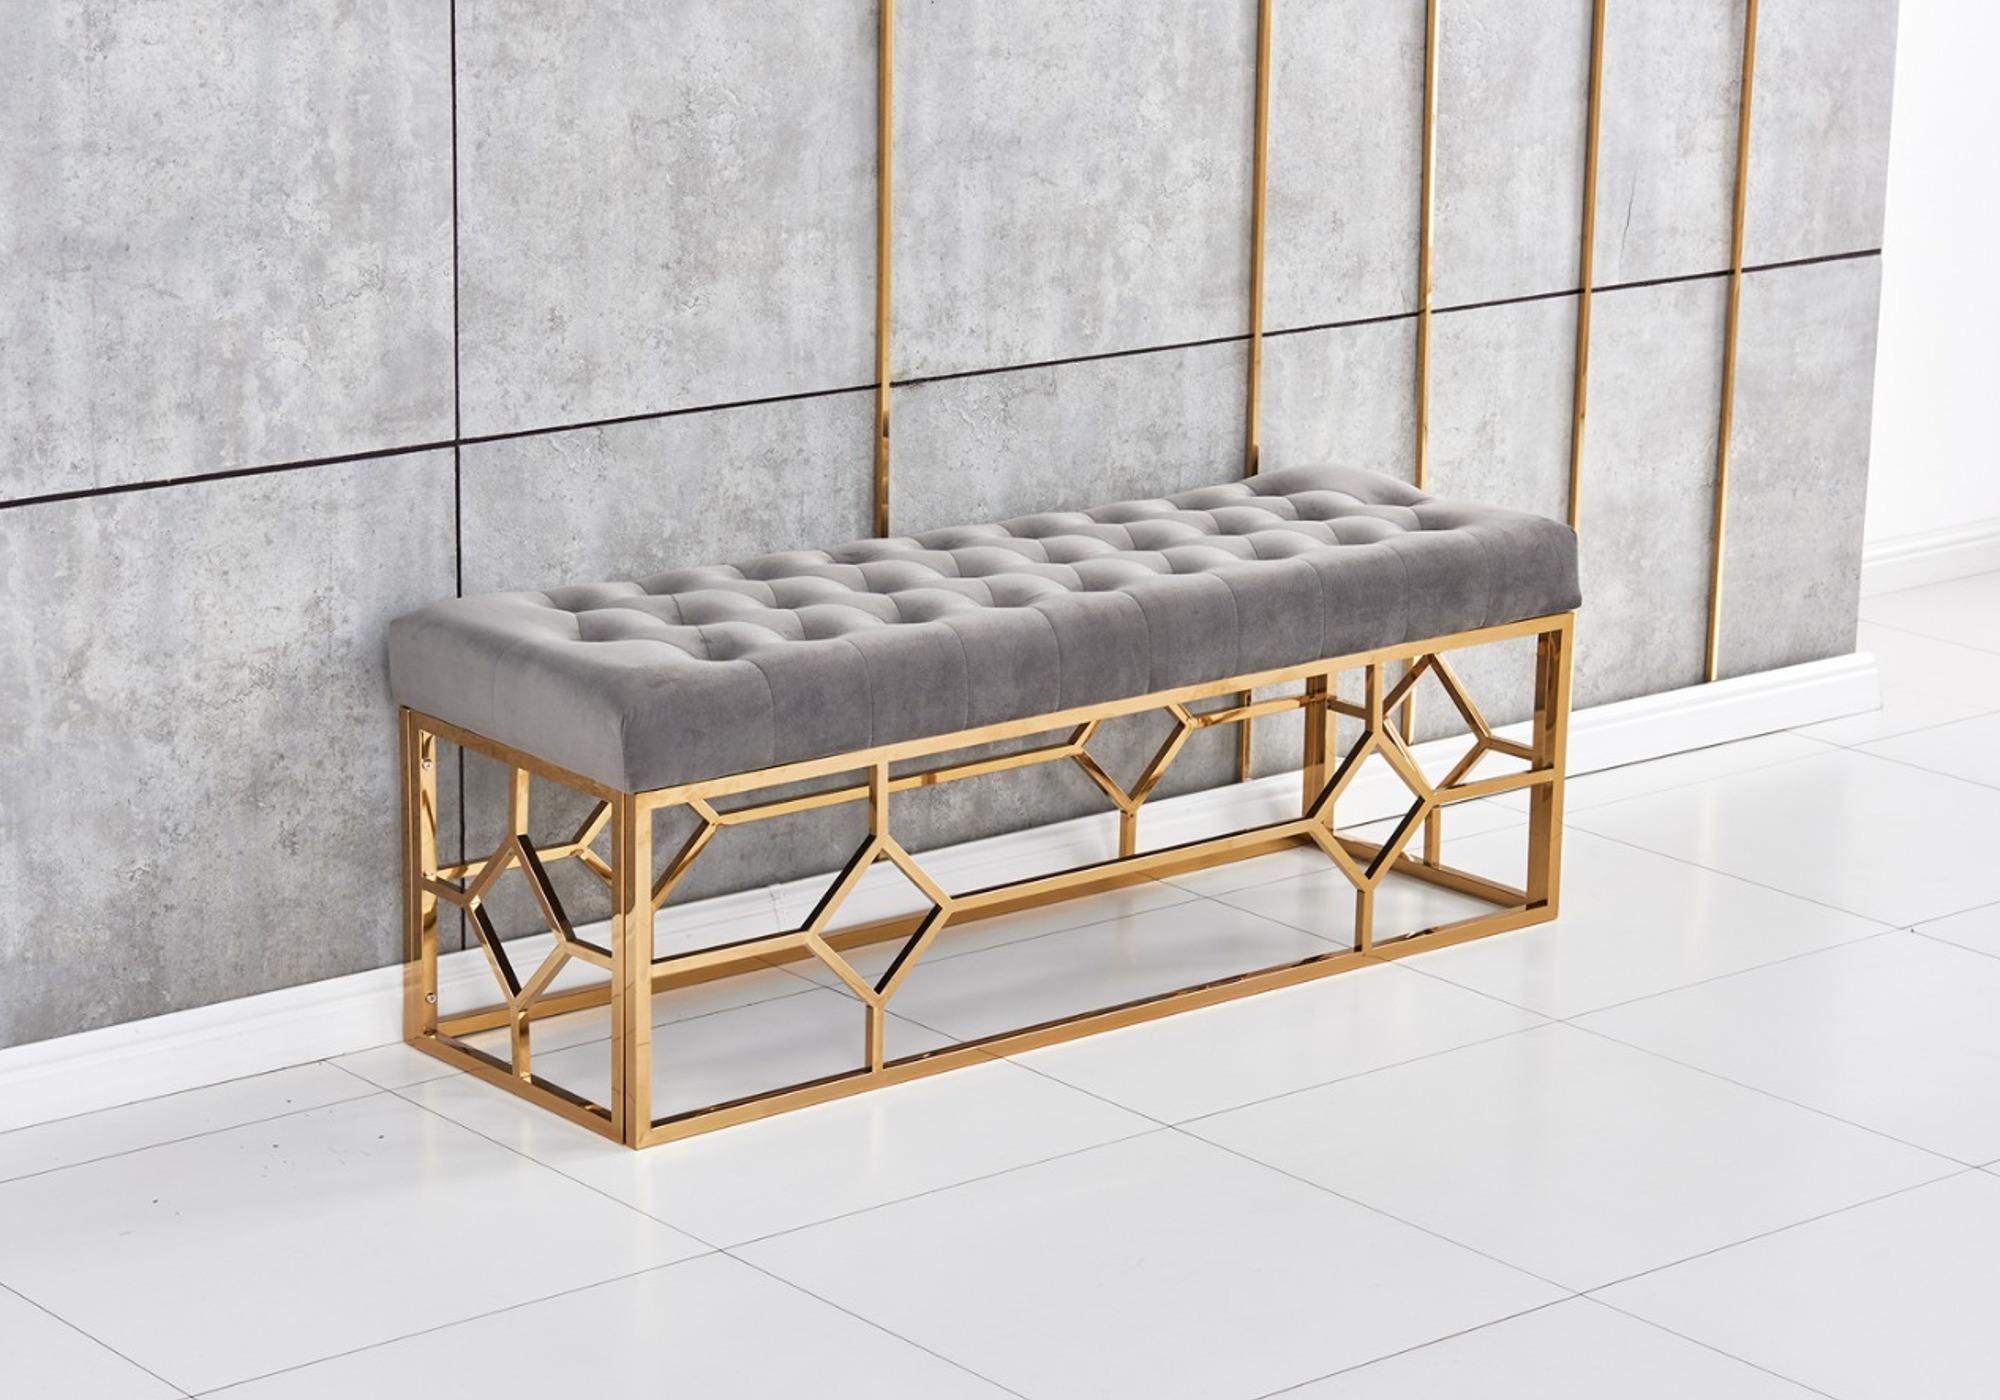 Banc design doré velours gris ABEL